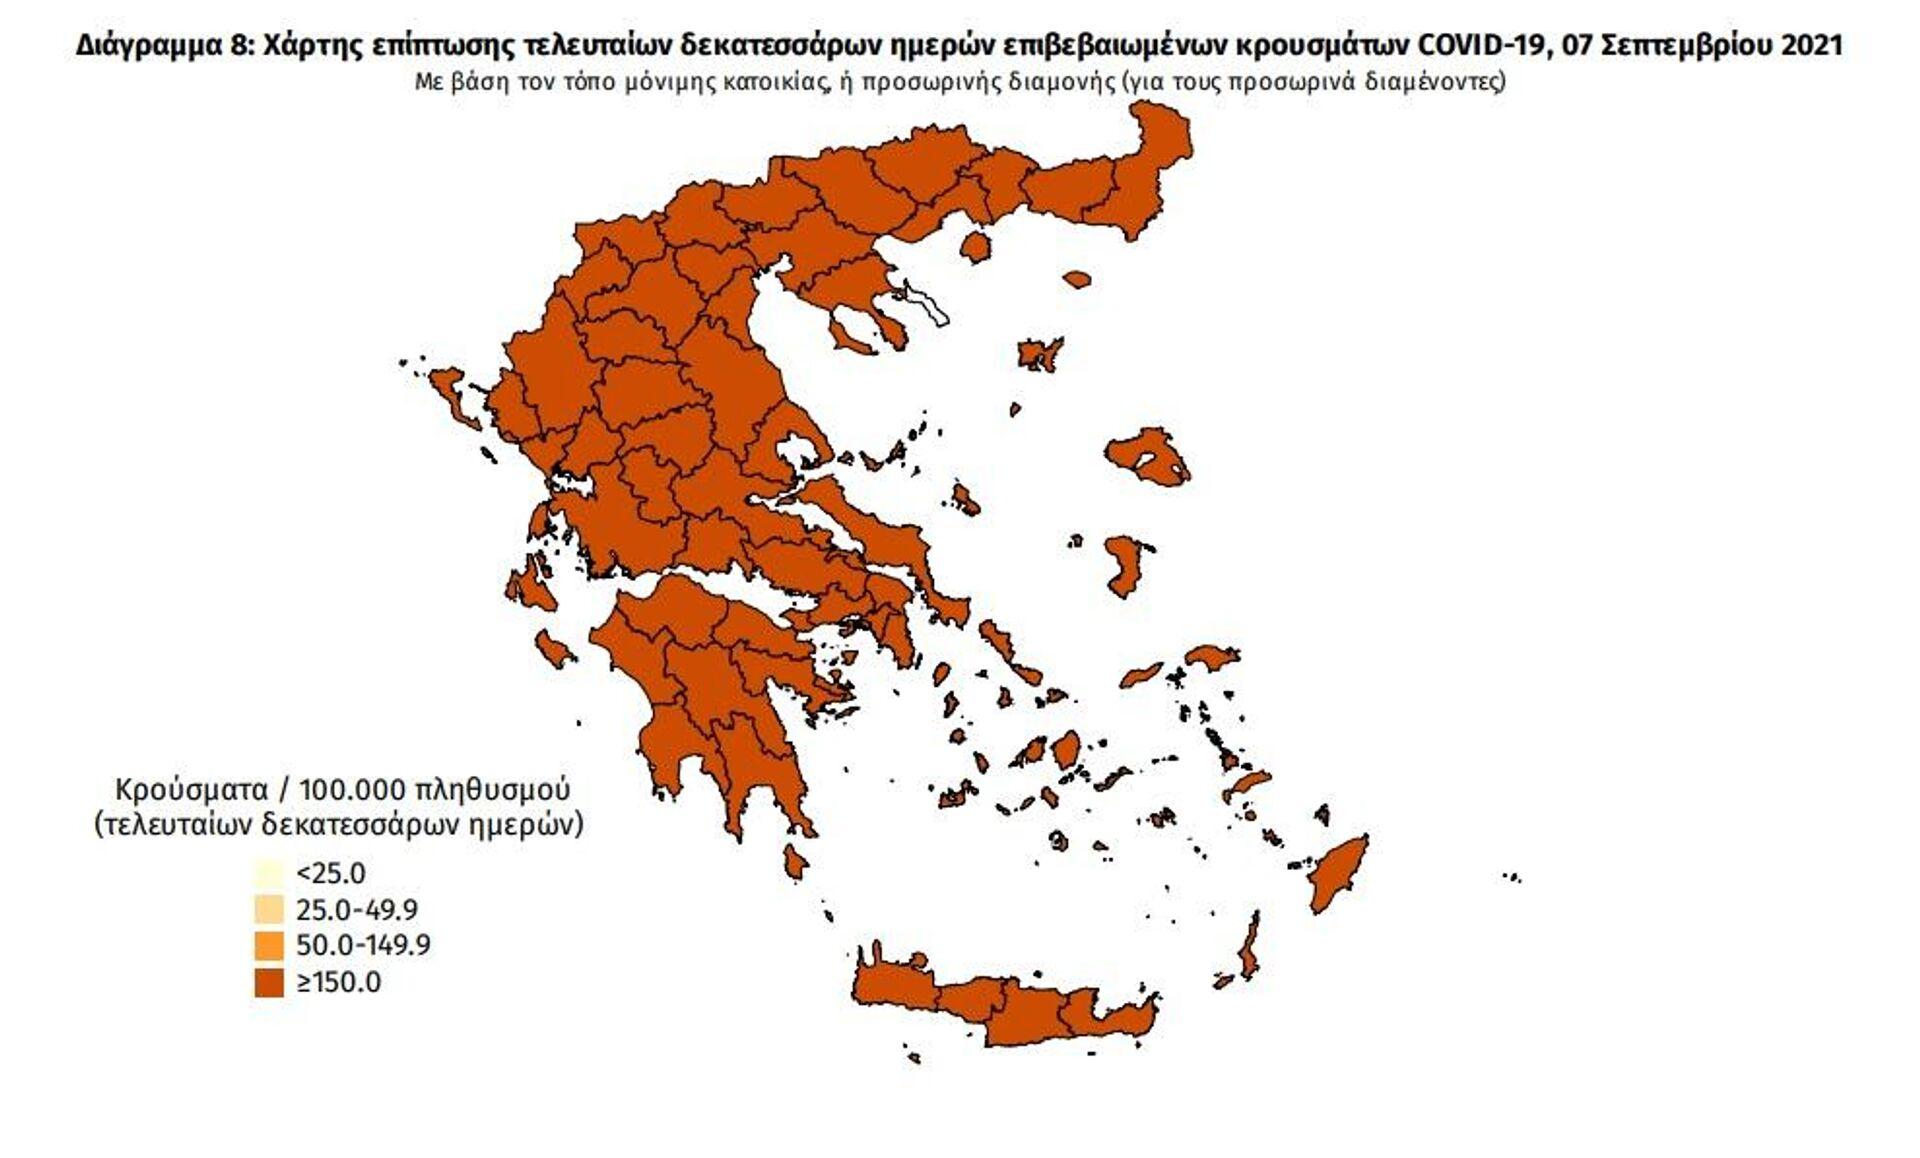 Χάρτης κρουσμάτων 14 ημερών - Sputnik Ελλάδα, 1920, 07.09.2021